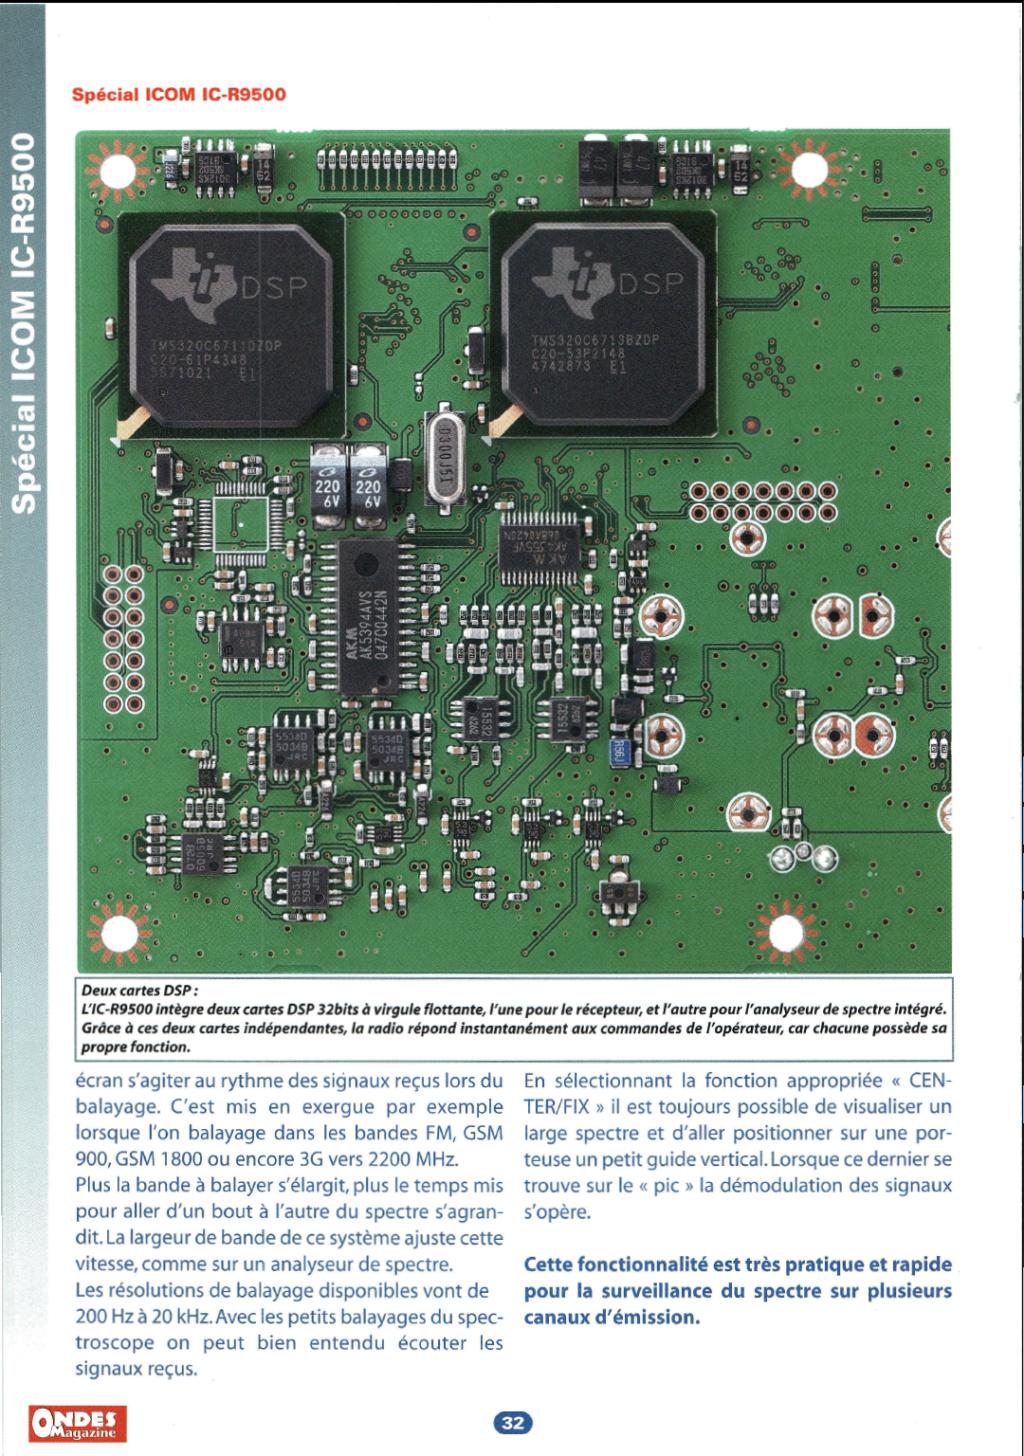 Icom IC-R9500-02 Captu149